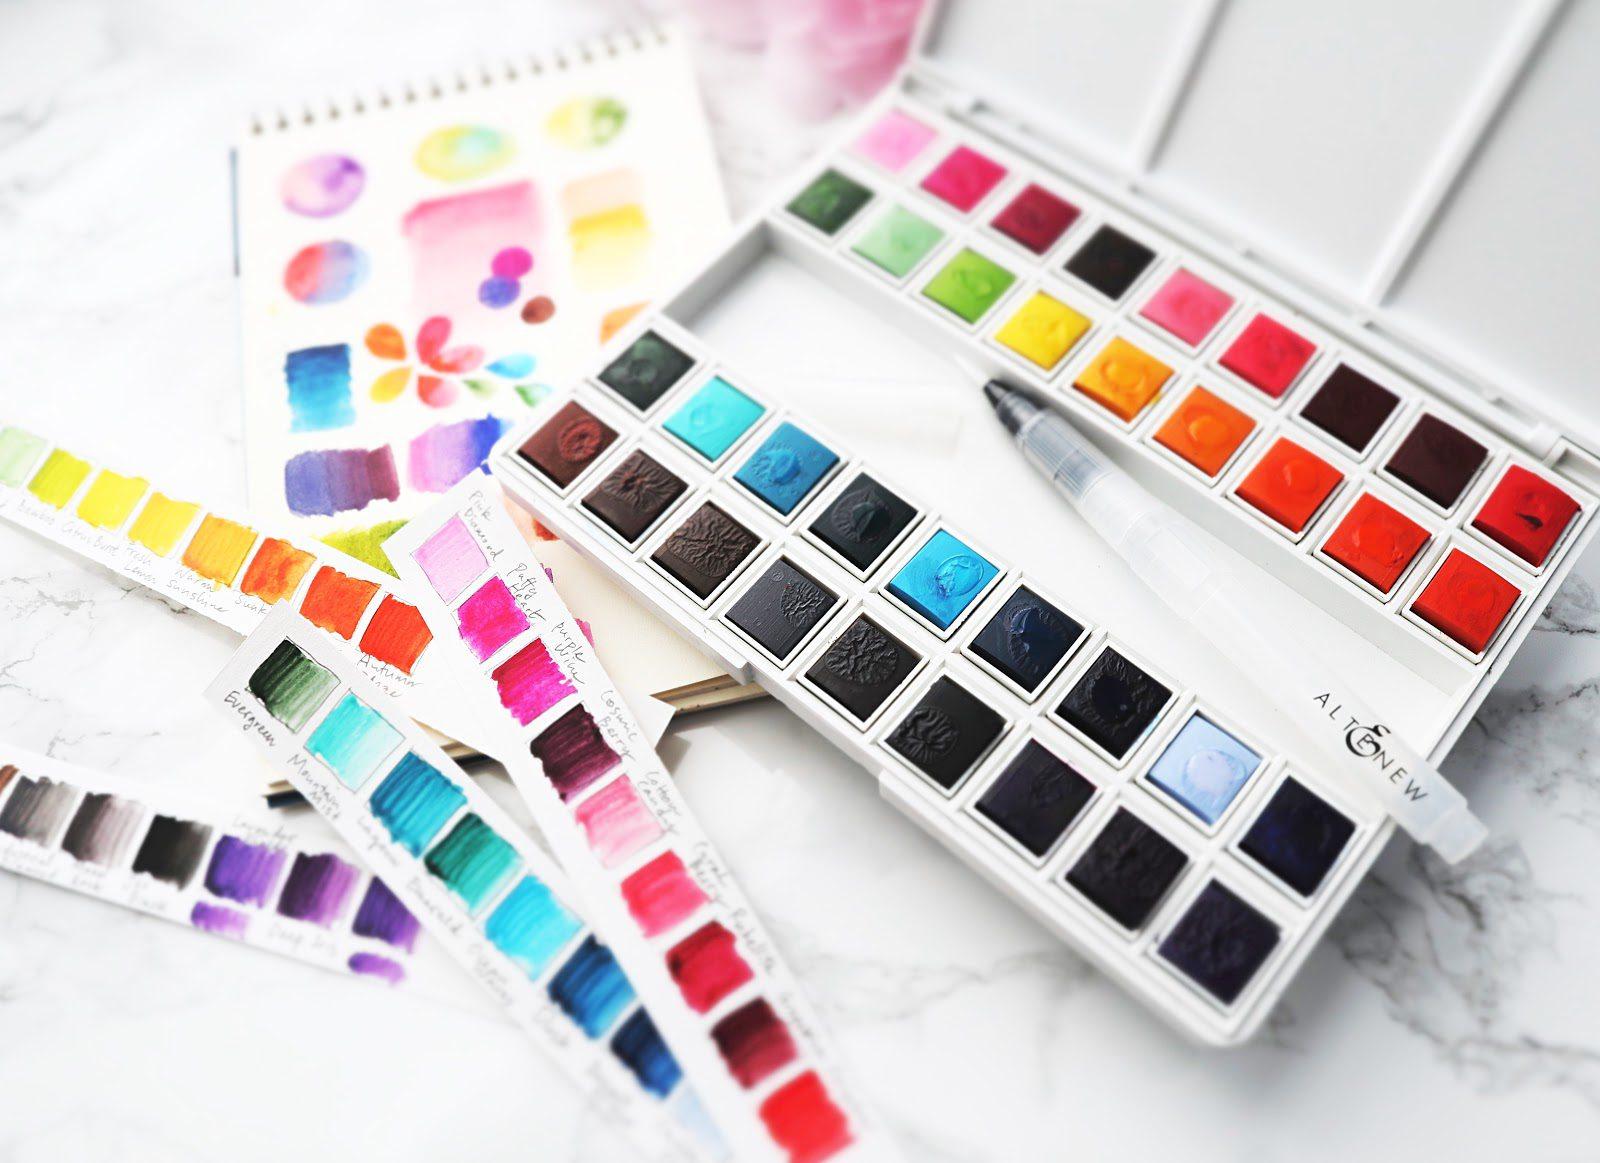 altenew-watercolor2-taeeun3ef674c9fd176649c89f9051e814eea51265cffdec397d743062752c782d724e2byoo-1590150